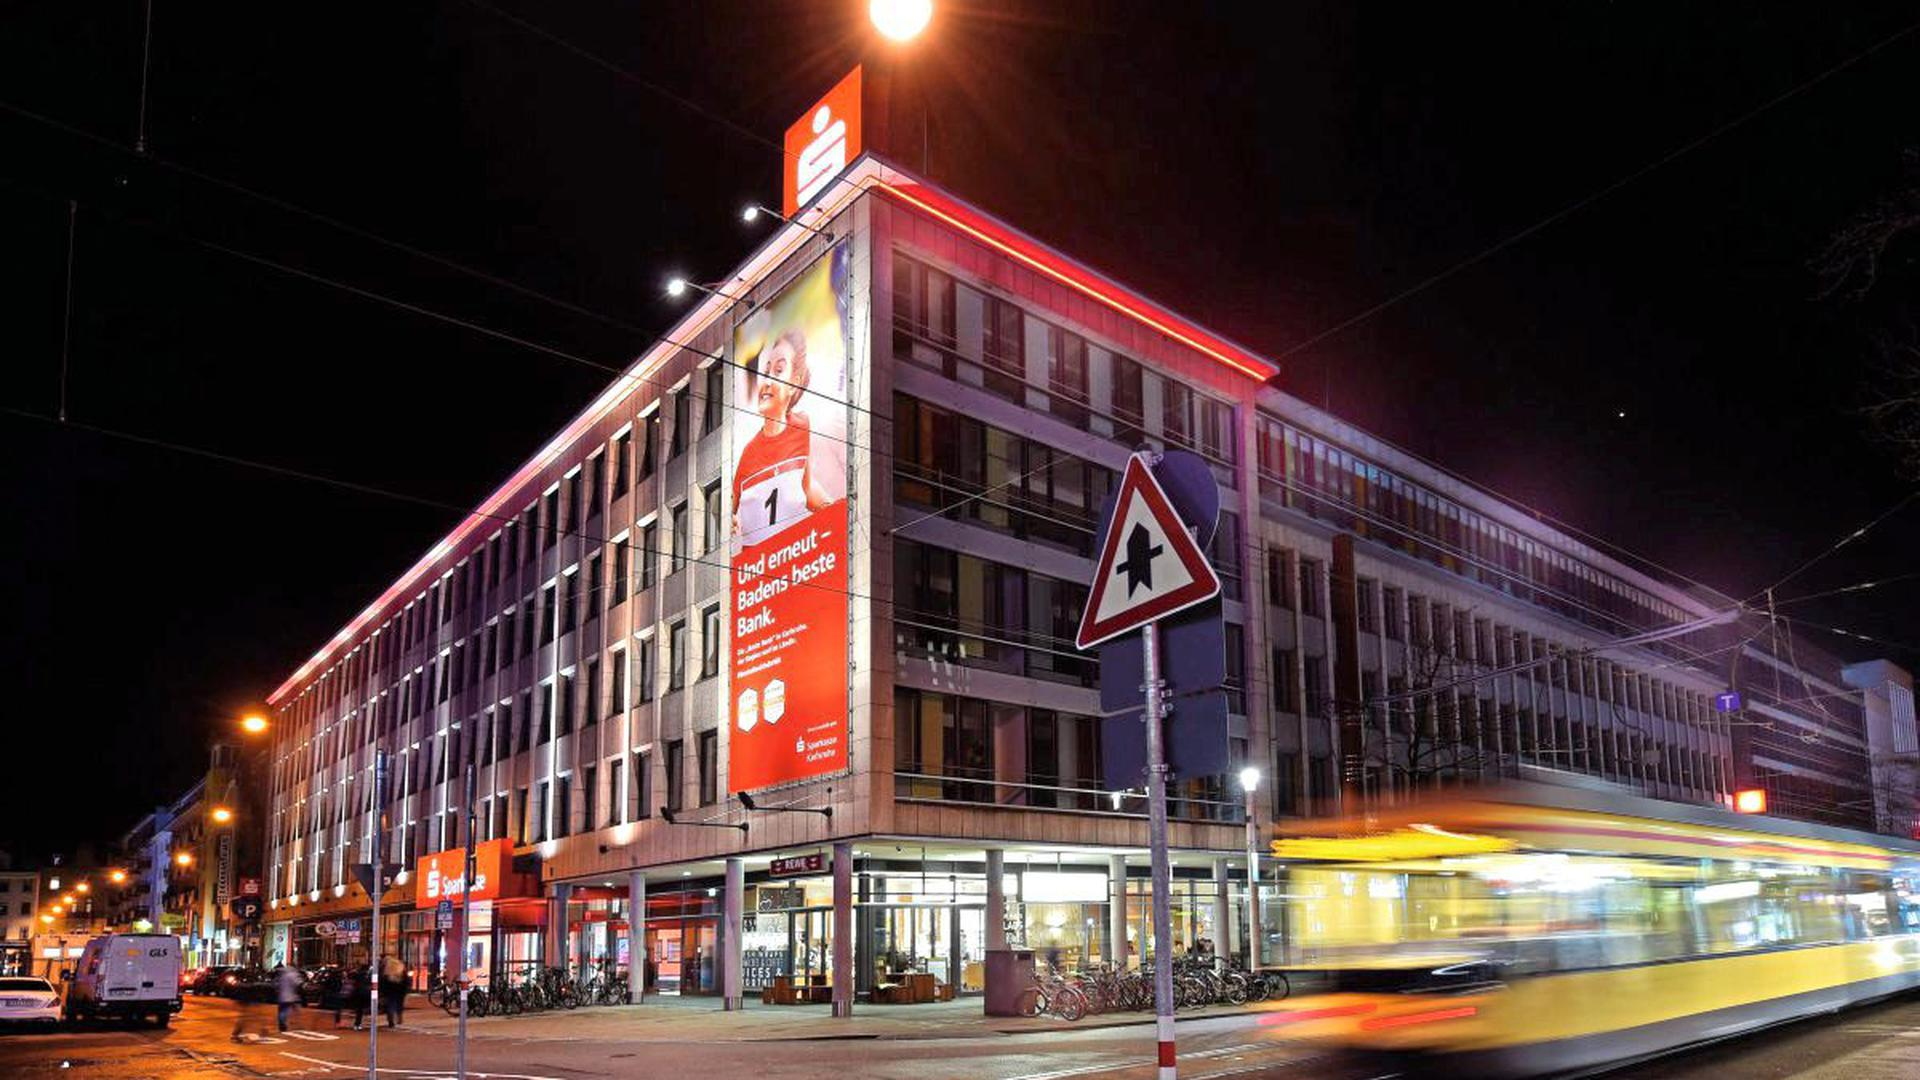 Dynamische Zeiten: 2019 liefen vor allem die Geschäfte der Sparkasse Karlsruhe mit Unternehmenskunden hervorragend. Aber die Ertragssituation bleibt wegen der EZB-Zinspolitik herausfordernd. Nun kommt auch noch das Thema Coronavirus dazu.